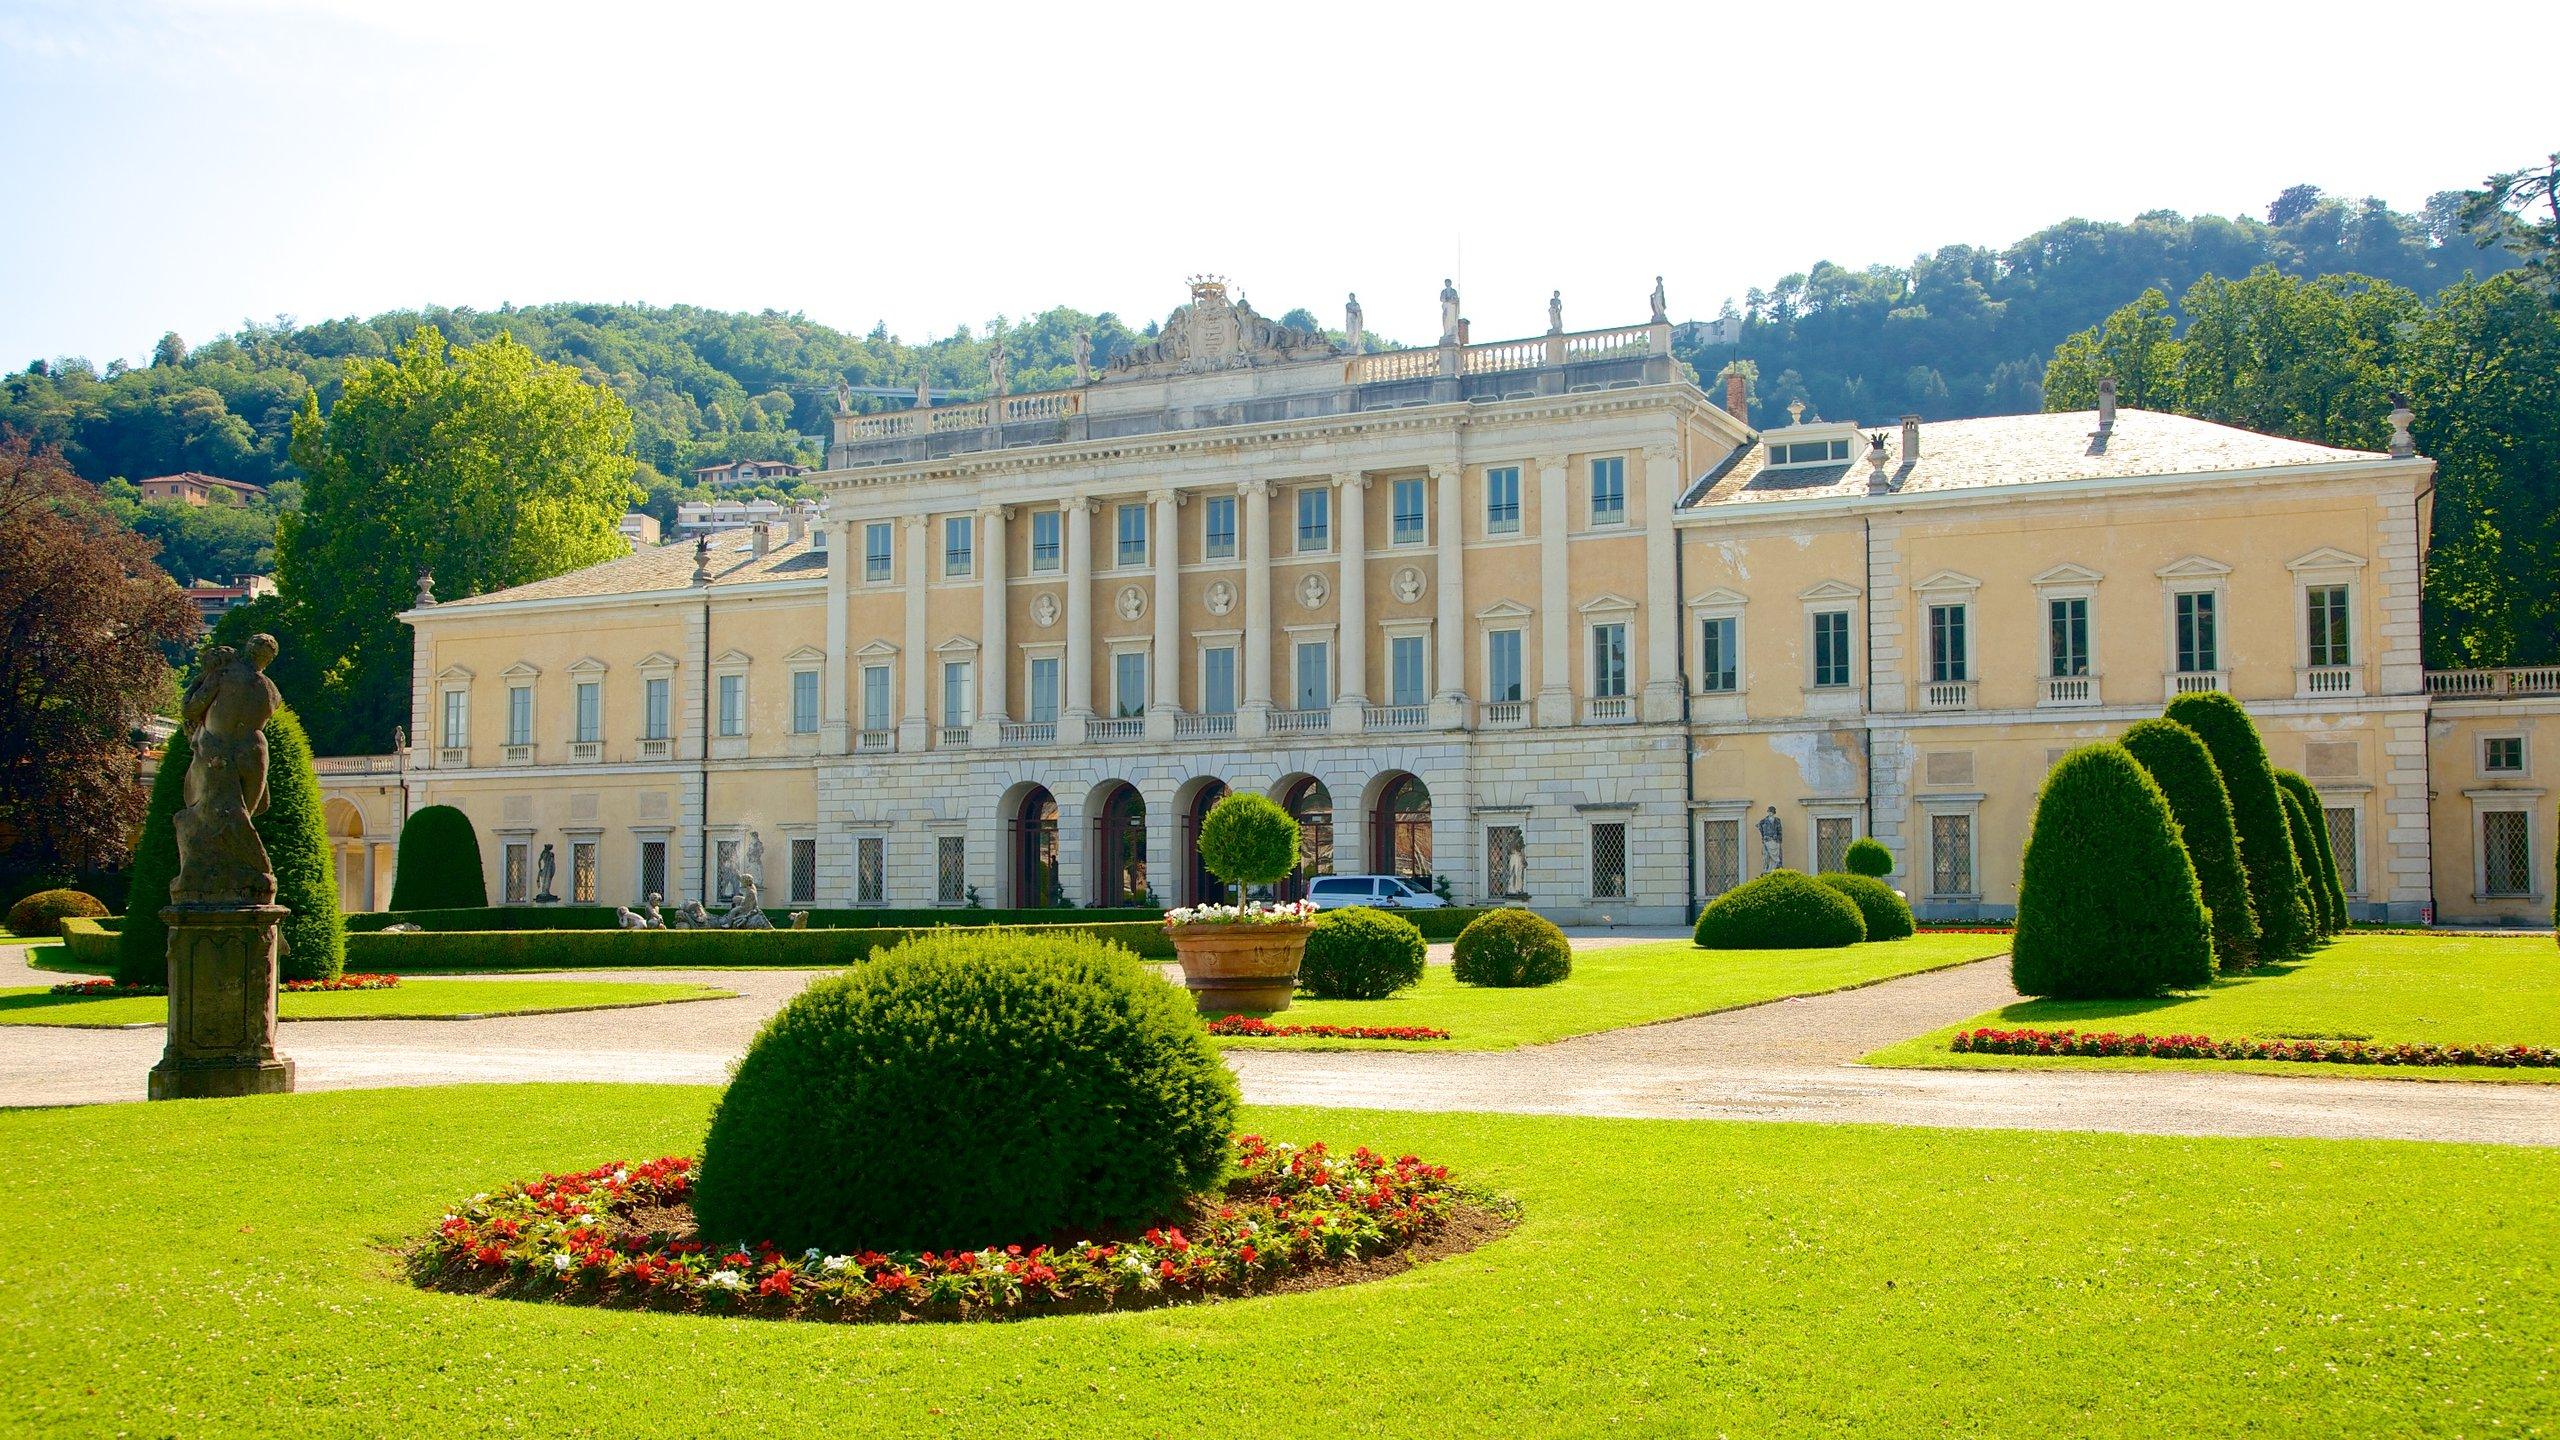 Villa Olmo (rakennus), Como, Lombardia, Italia